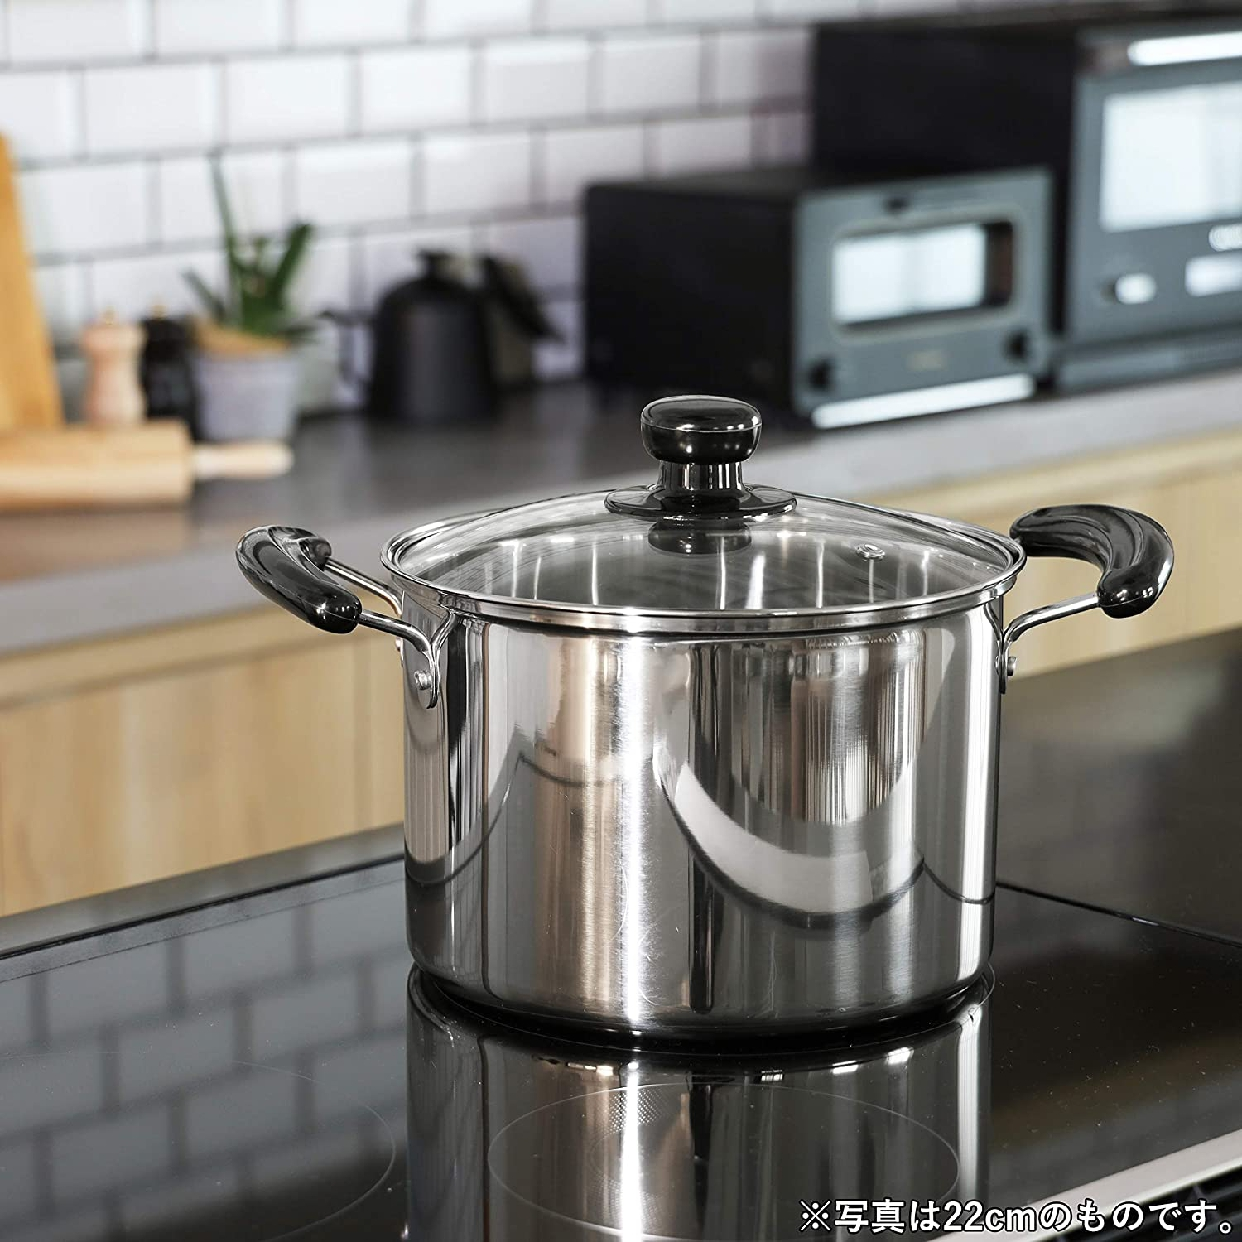 パール金属(PEARL) NEWだんらん 兼用鍋 ガラス鍋蓋付 H-5873の商品画像3